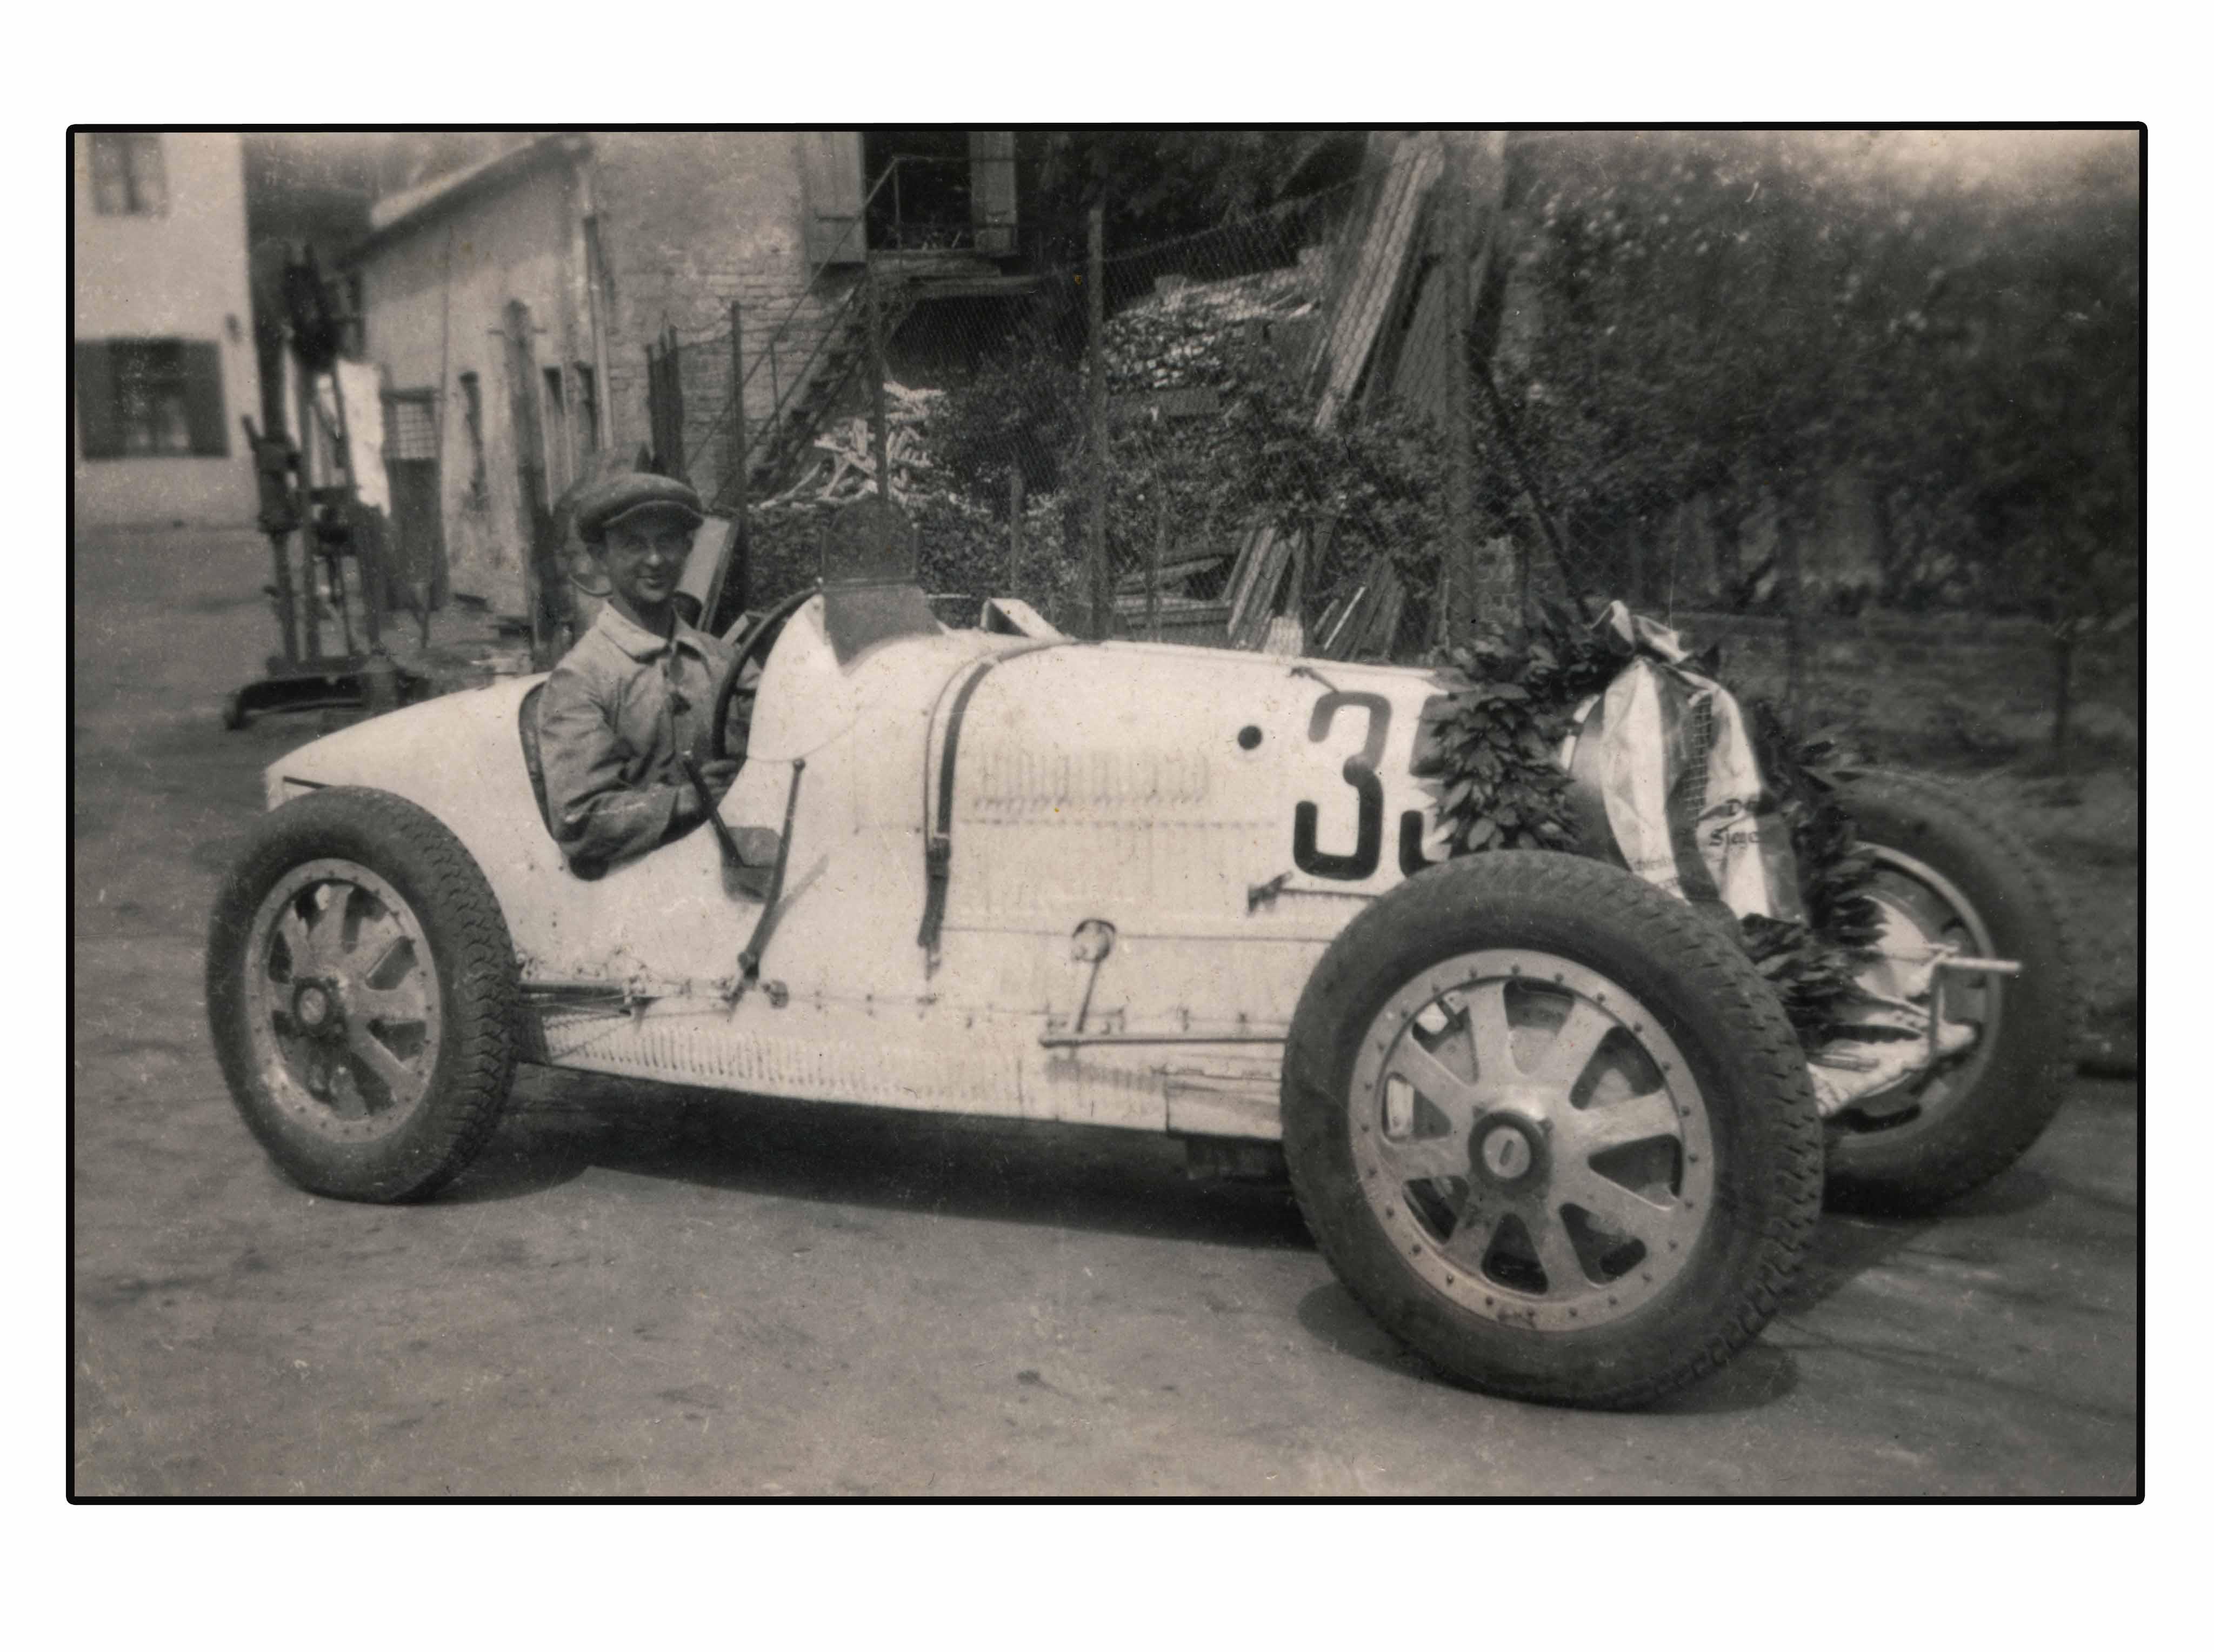 bugatti b35 weiss siegerkranz